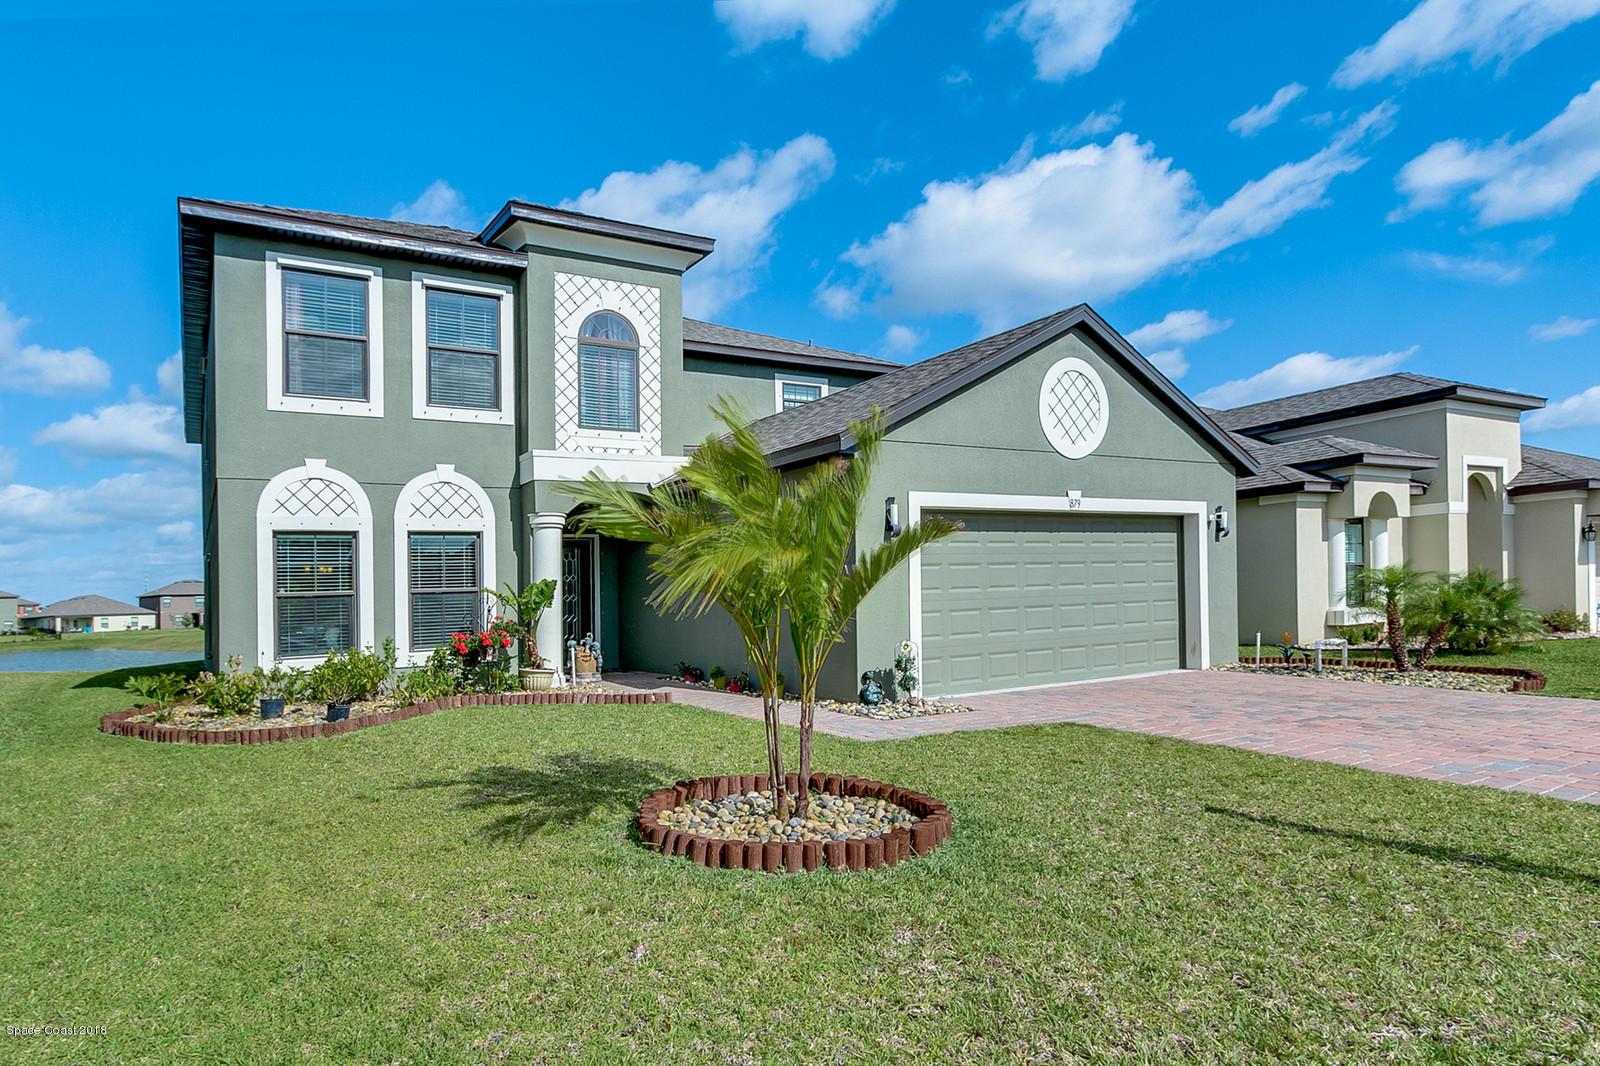 獨棟家庭住宅 為 出售 在 879 Fiddleleaf 879 Fiddleleaf West Melbourne, 佛羅里達州 32904 美國